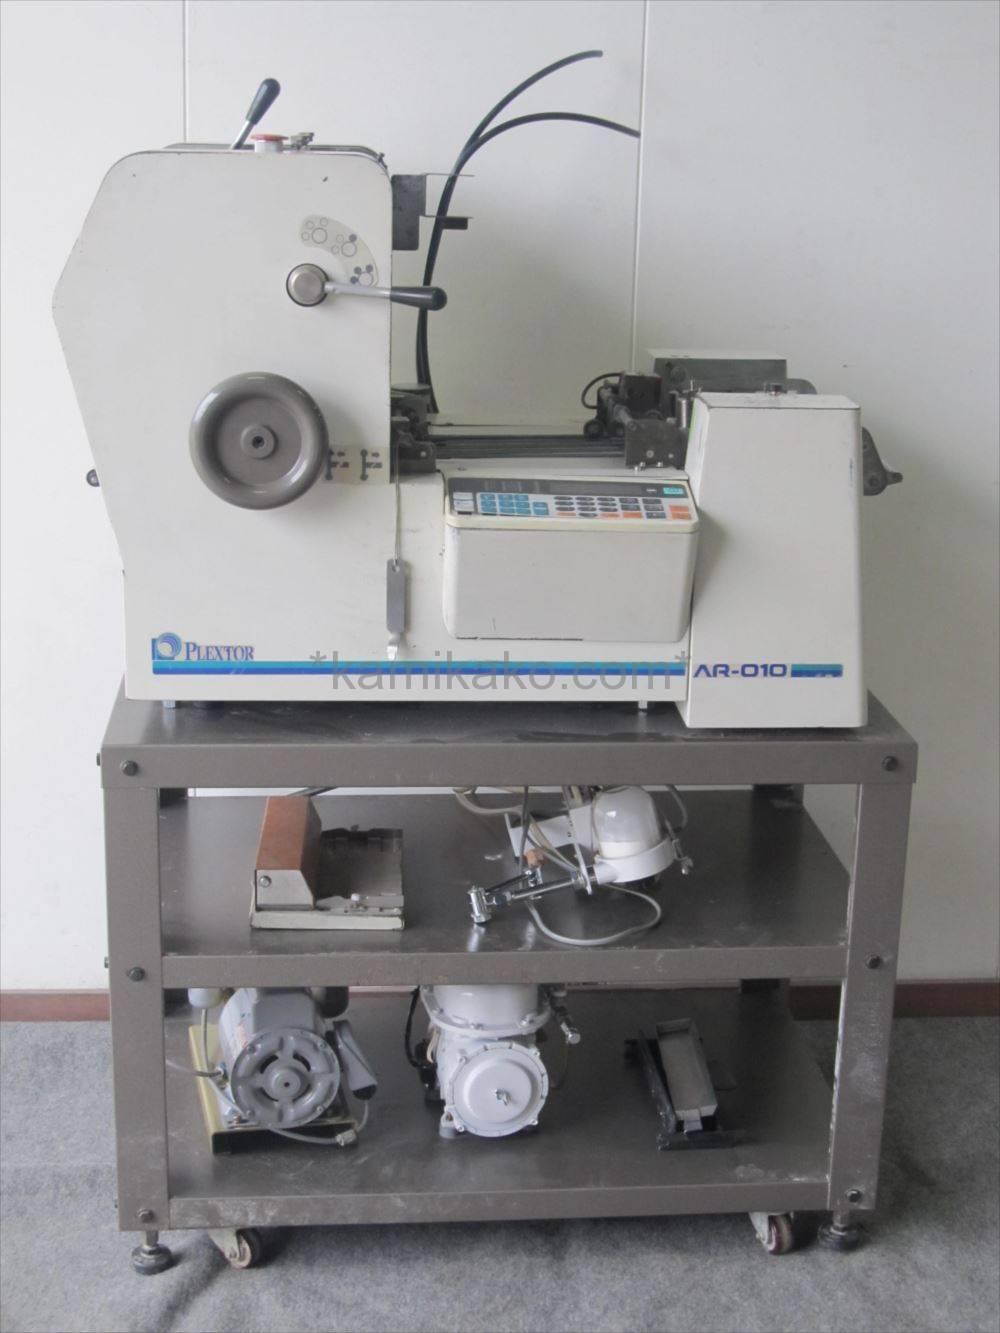 【写真準備中】カードオフセット印刷機 プレクスターAR-010 シナノケンシ(丸紅マシナリー)製 「ローラー巻き替え代込!名刺やはがき等の印刷に♪」